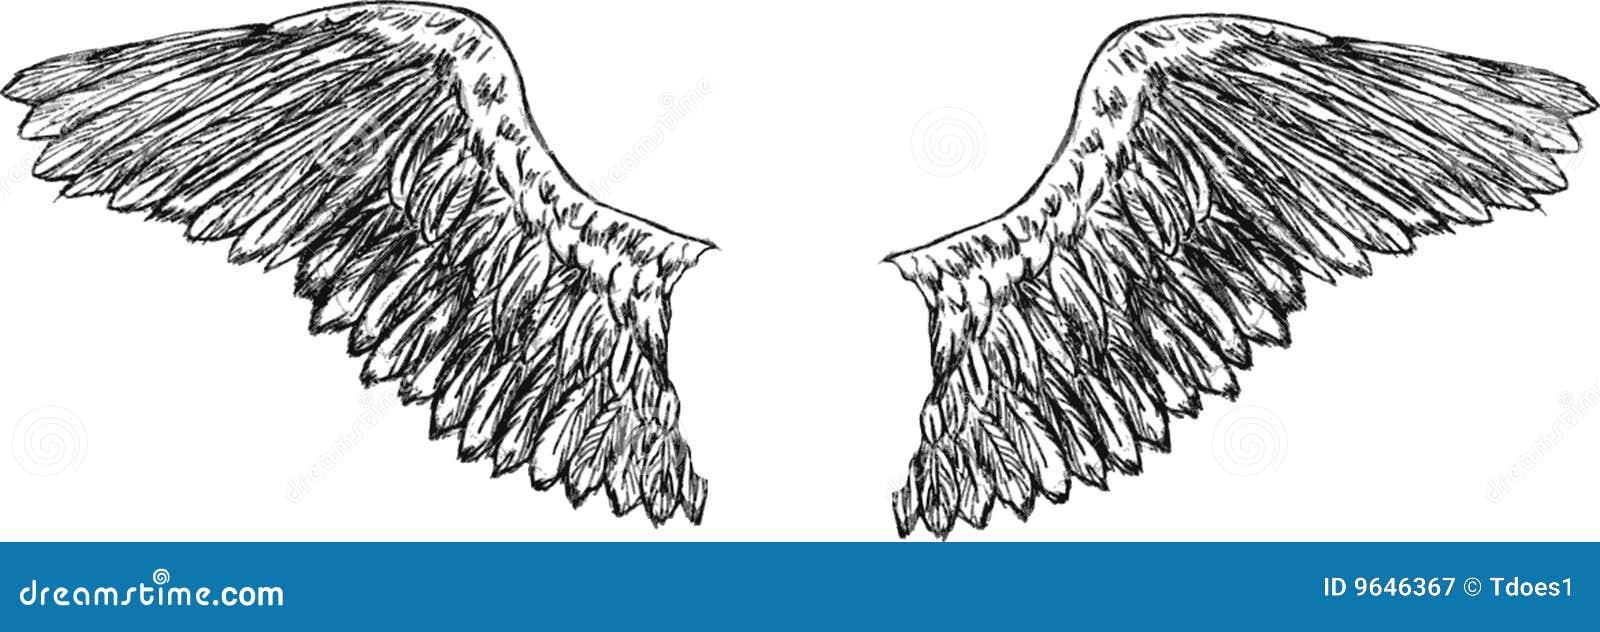 Нарисованное крыло орла